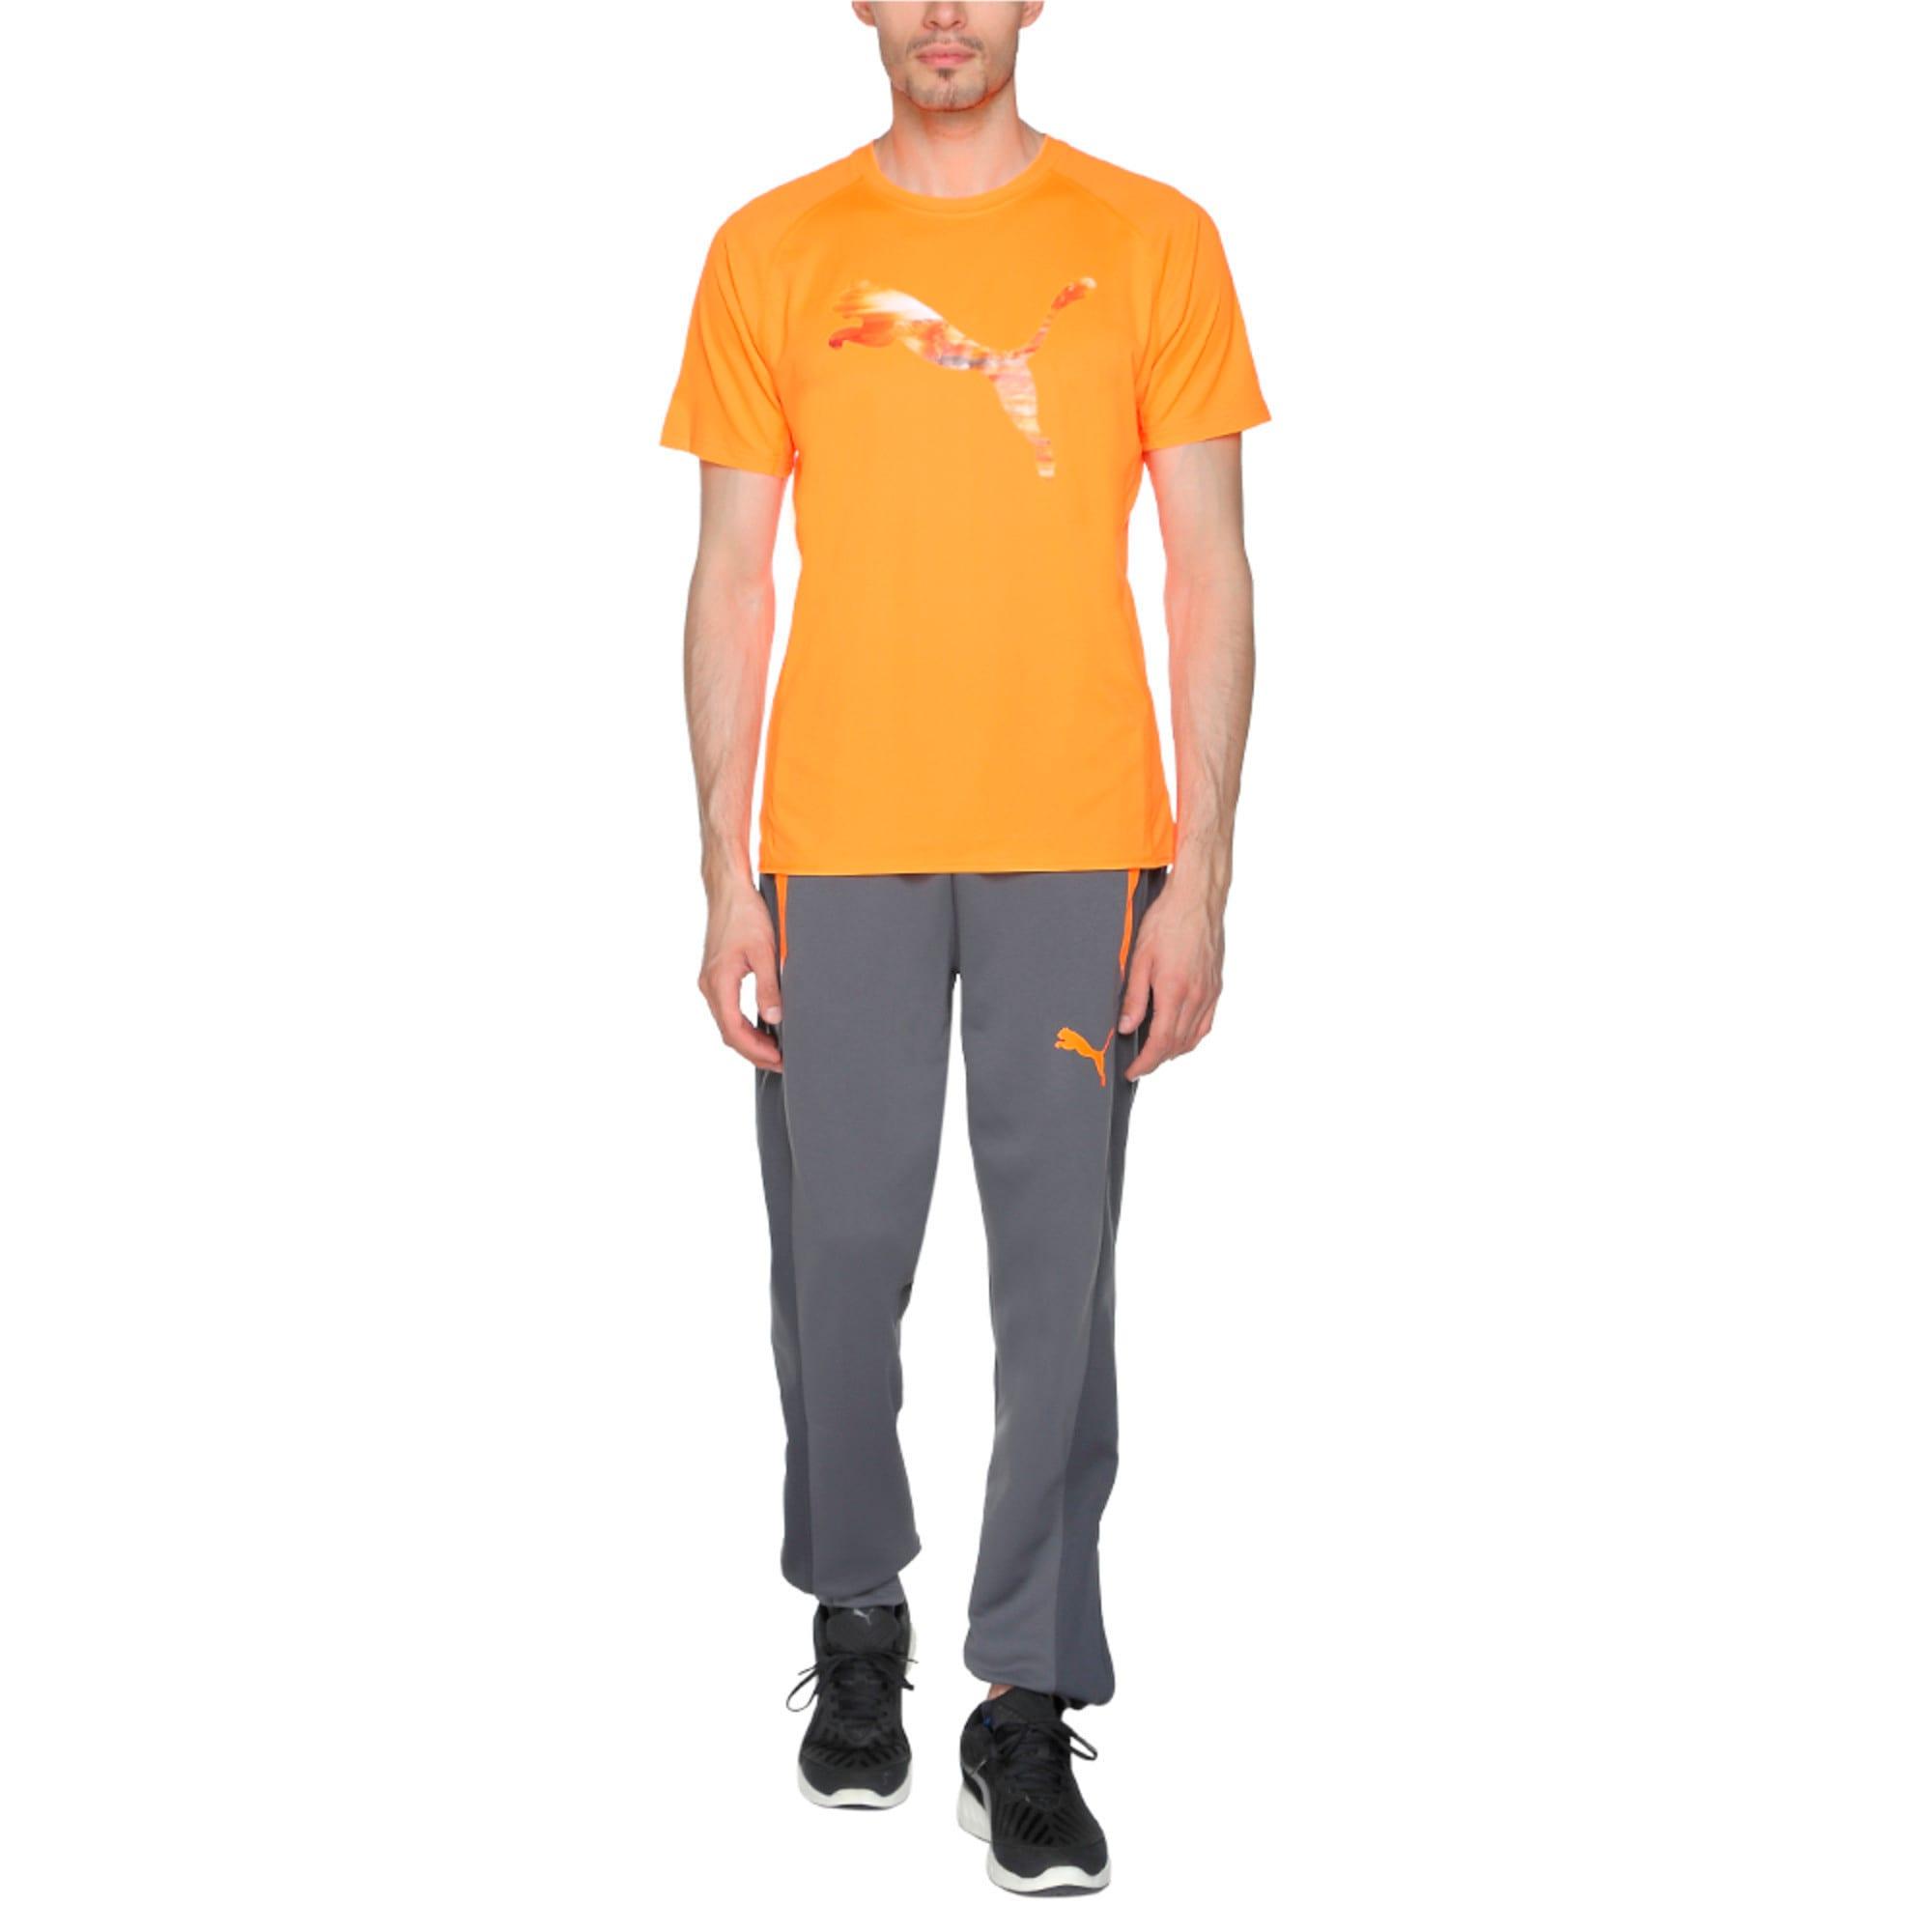 Thumbnail 4 of Running Logo T-Shirt, Shocking Orange, medium-IND